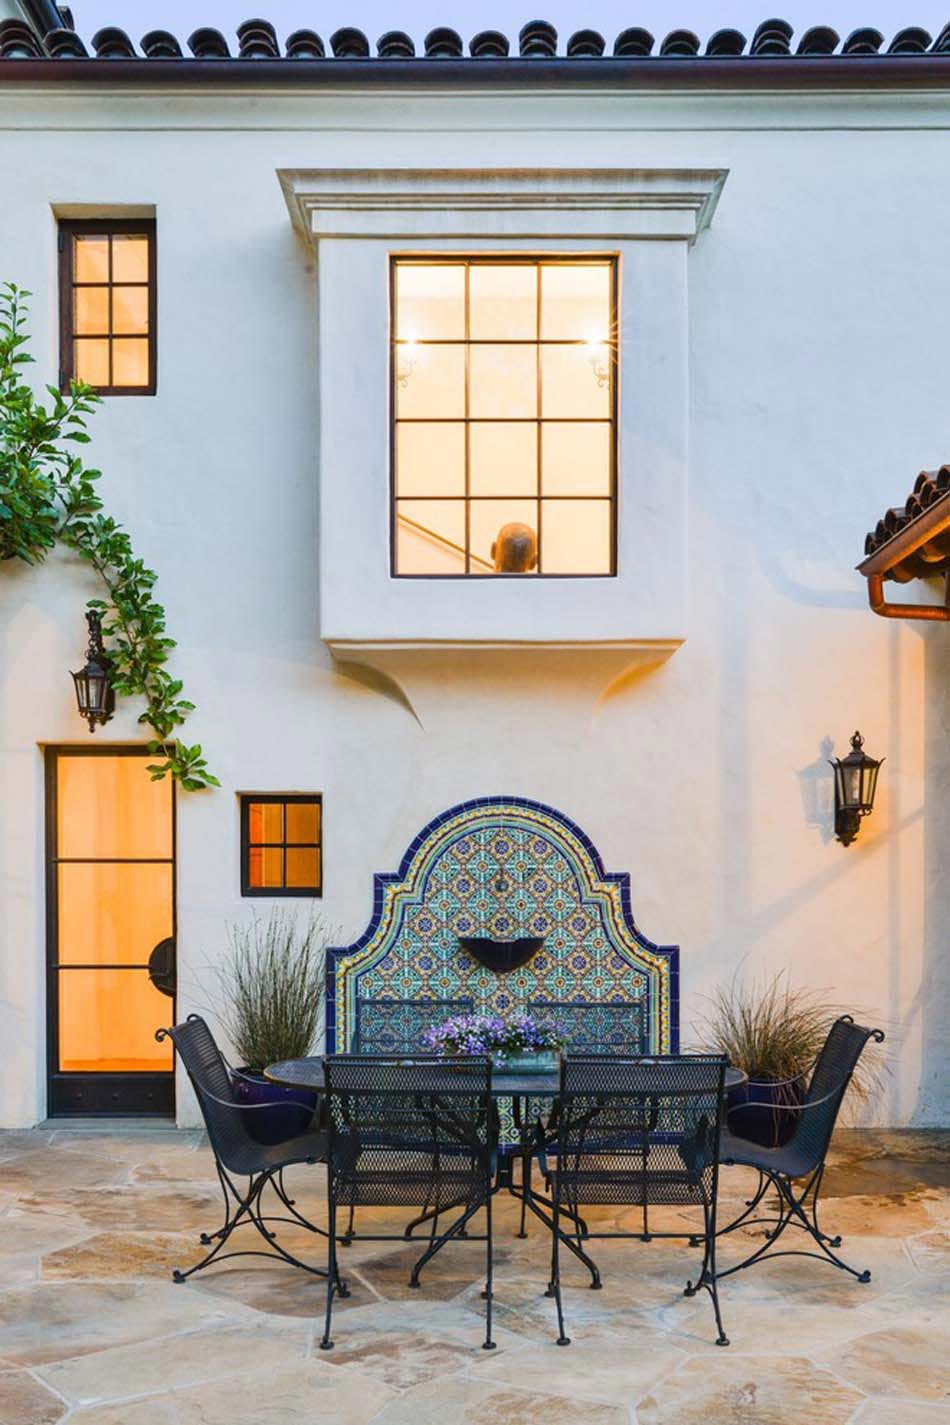 Des id es de d co jardin qui apportent de la couleur nos espaces ext rieurs design feria - Maison de jardin design ...